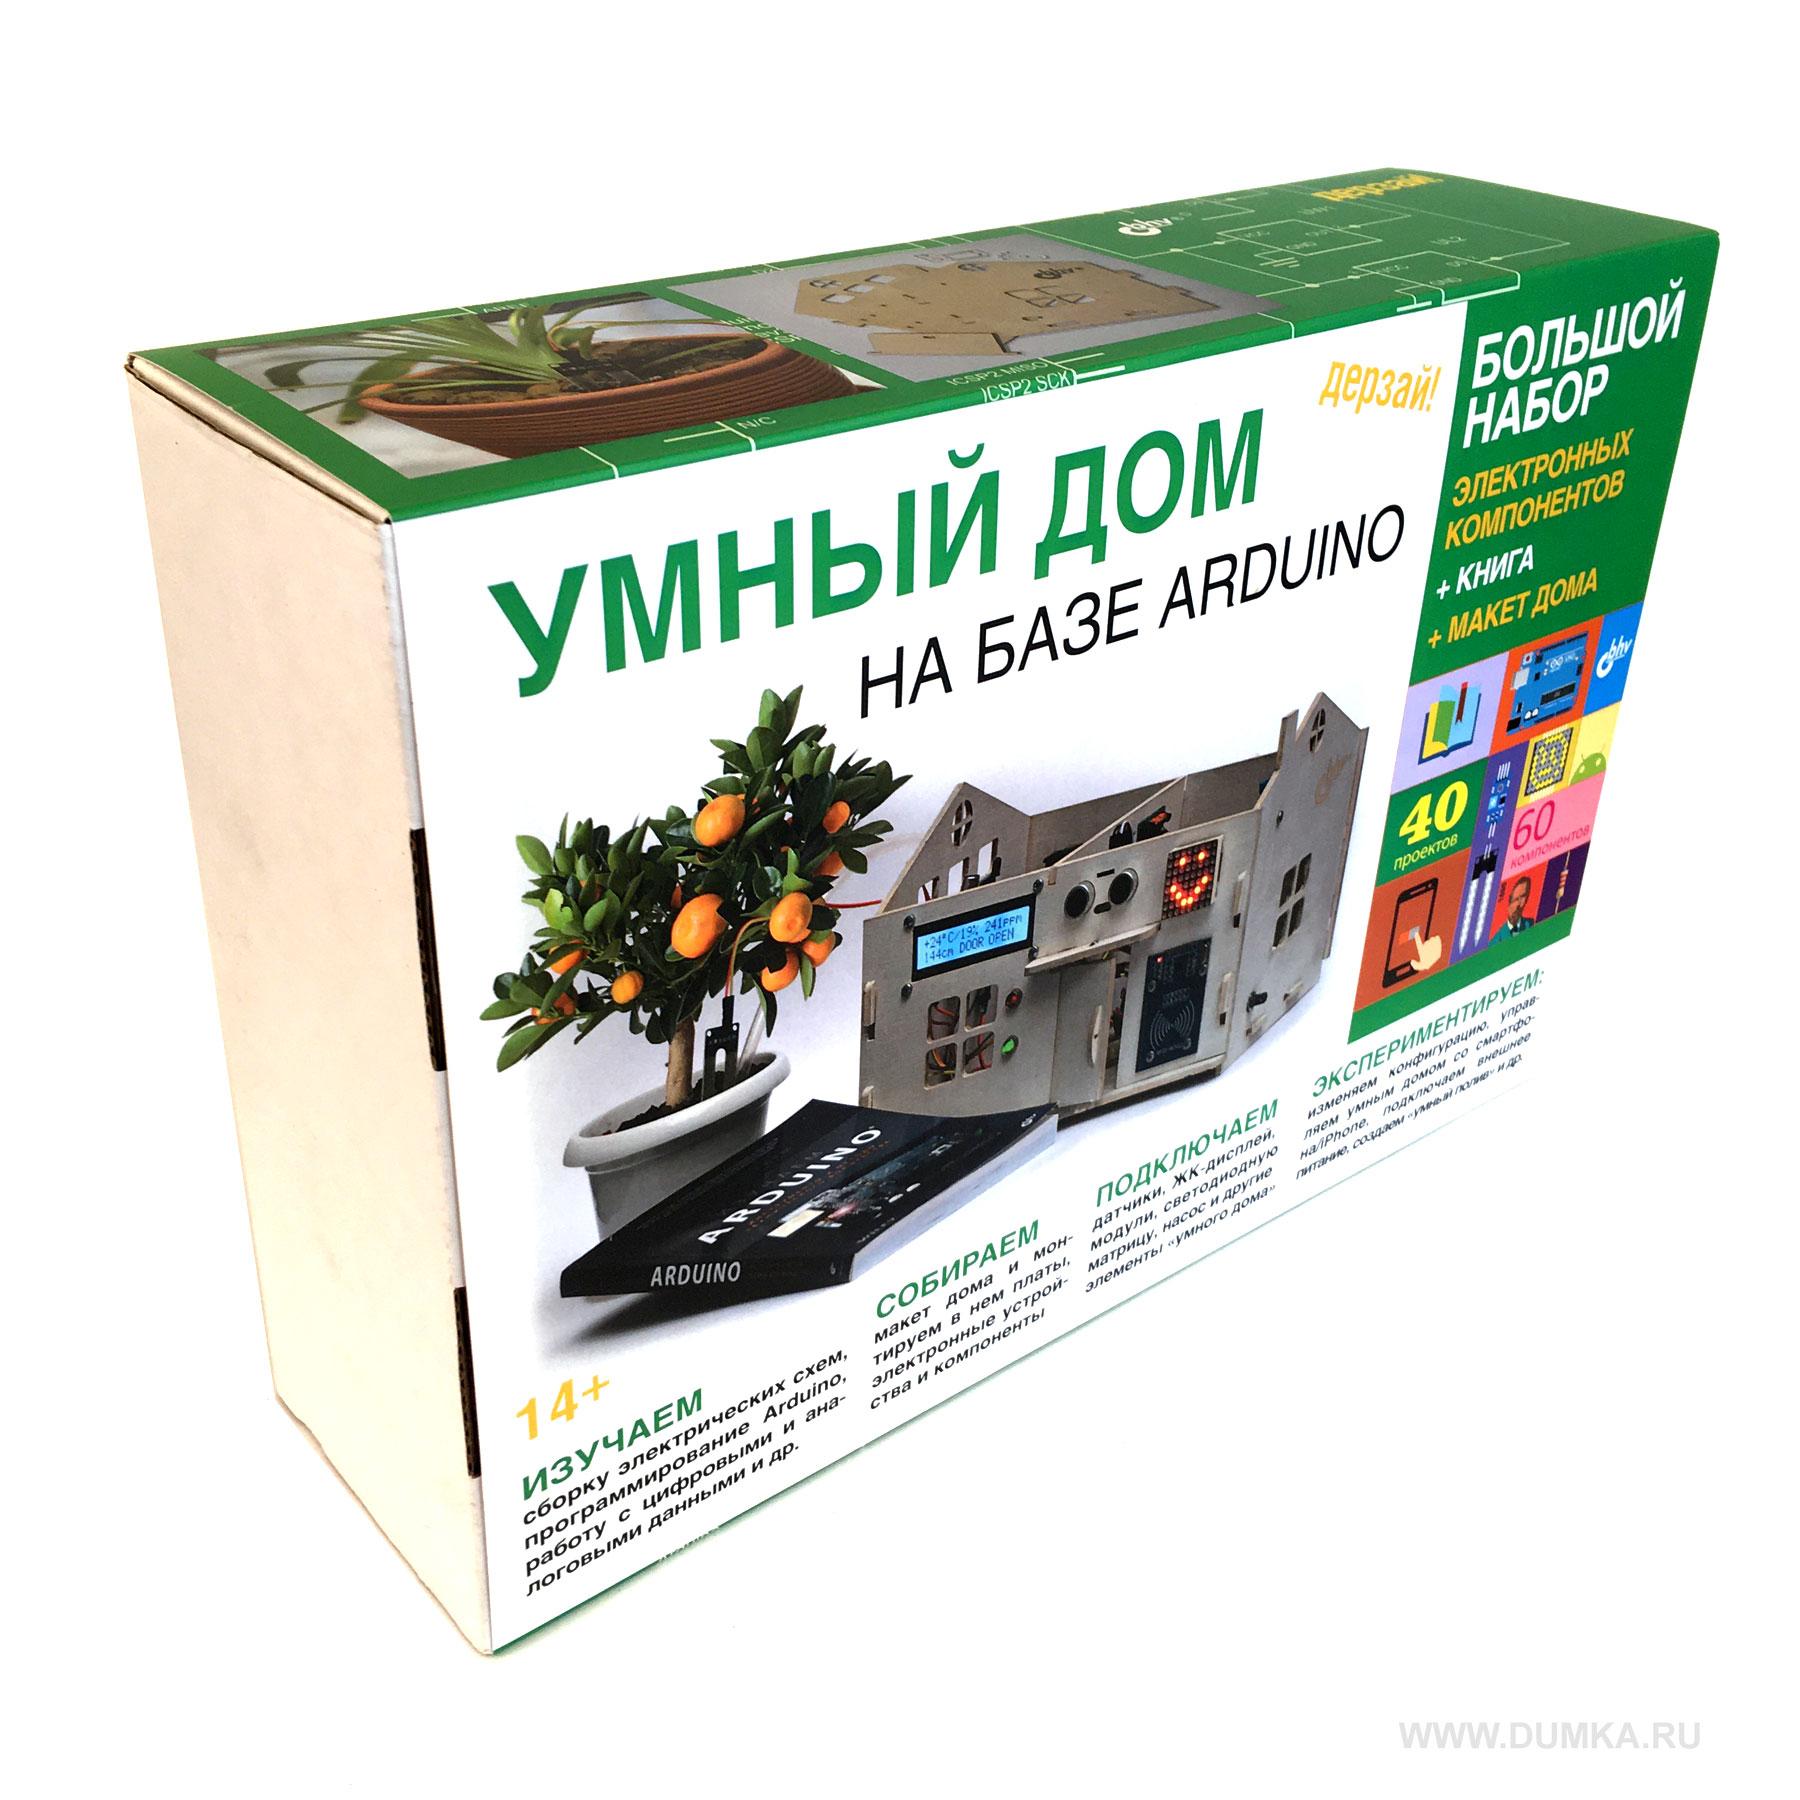 nabor-po-elektronike-umnyi-dom-na-baze-arduino-foto-tdx-978-5-9775-6608-7-01.jpg